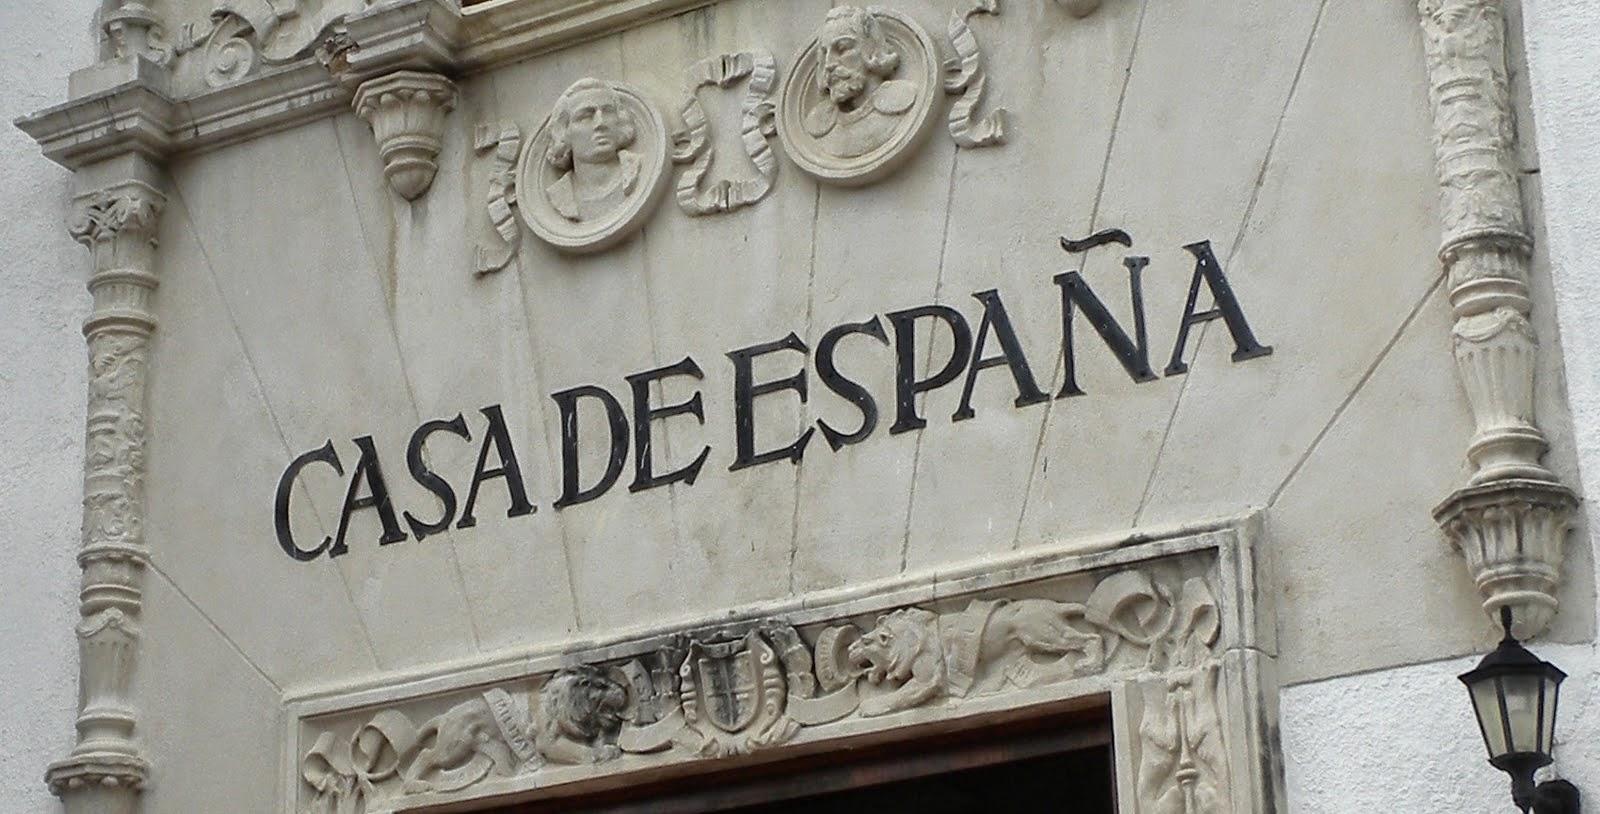 Galicia en puerto rico en la embajada de espa a en - Embaja de espana ...